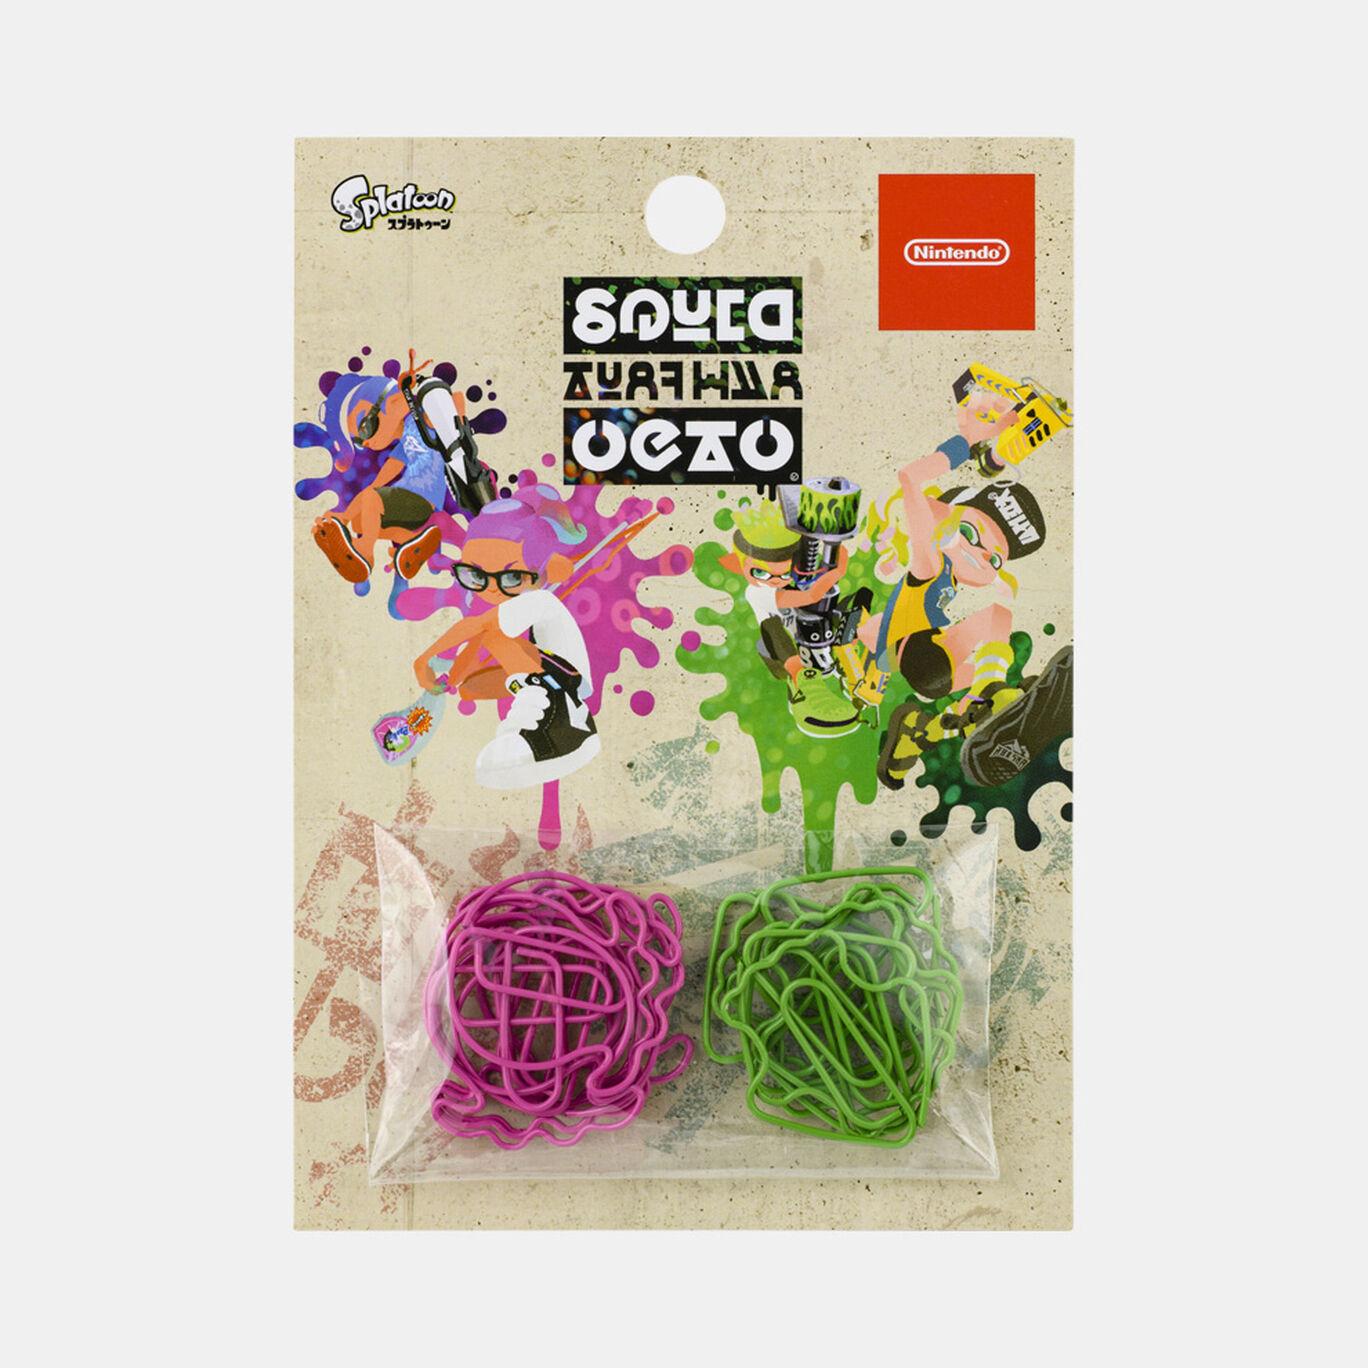 クリップ SQUID or OCTO Splatoon【Nintendo TOKYO取り扱い商品】